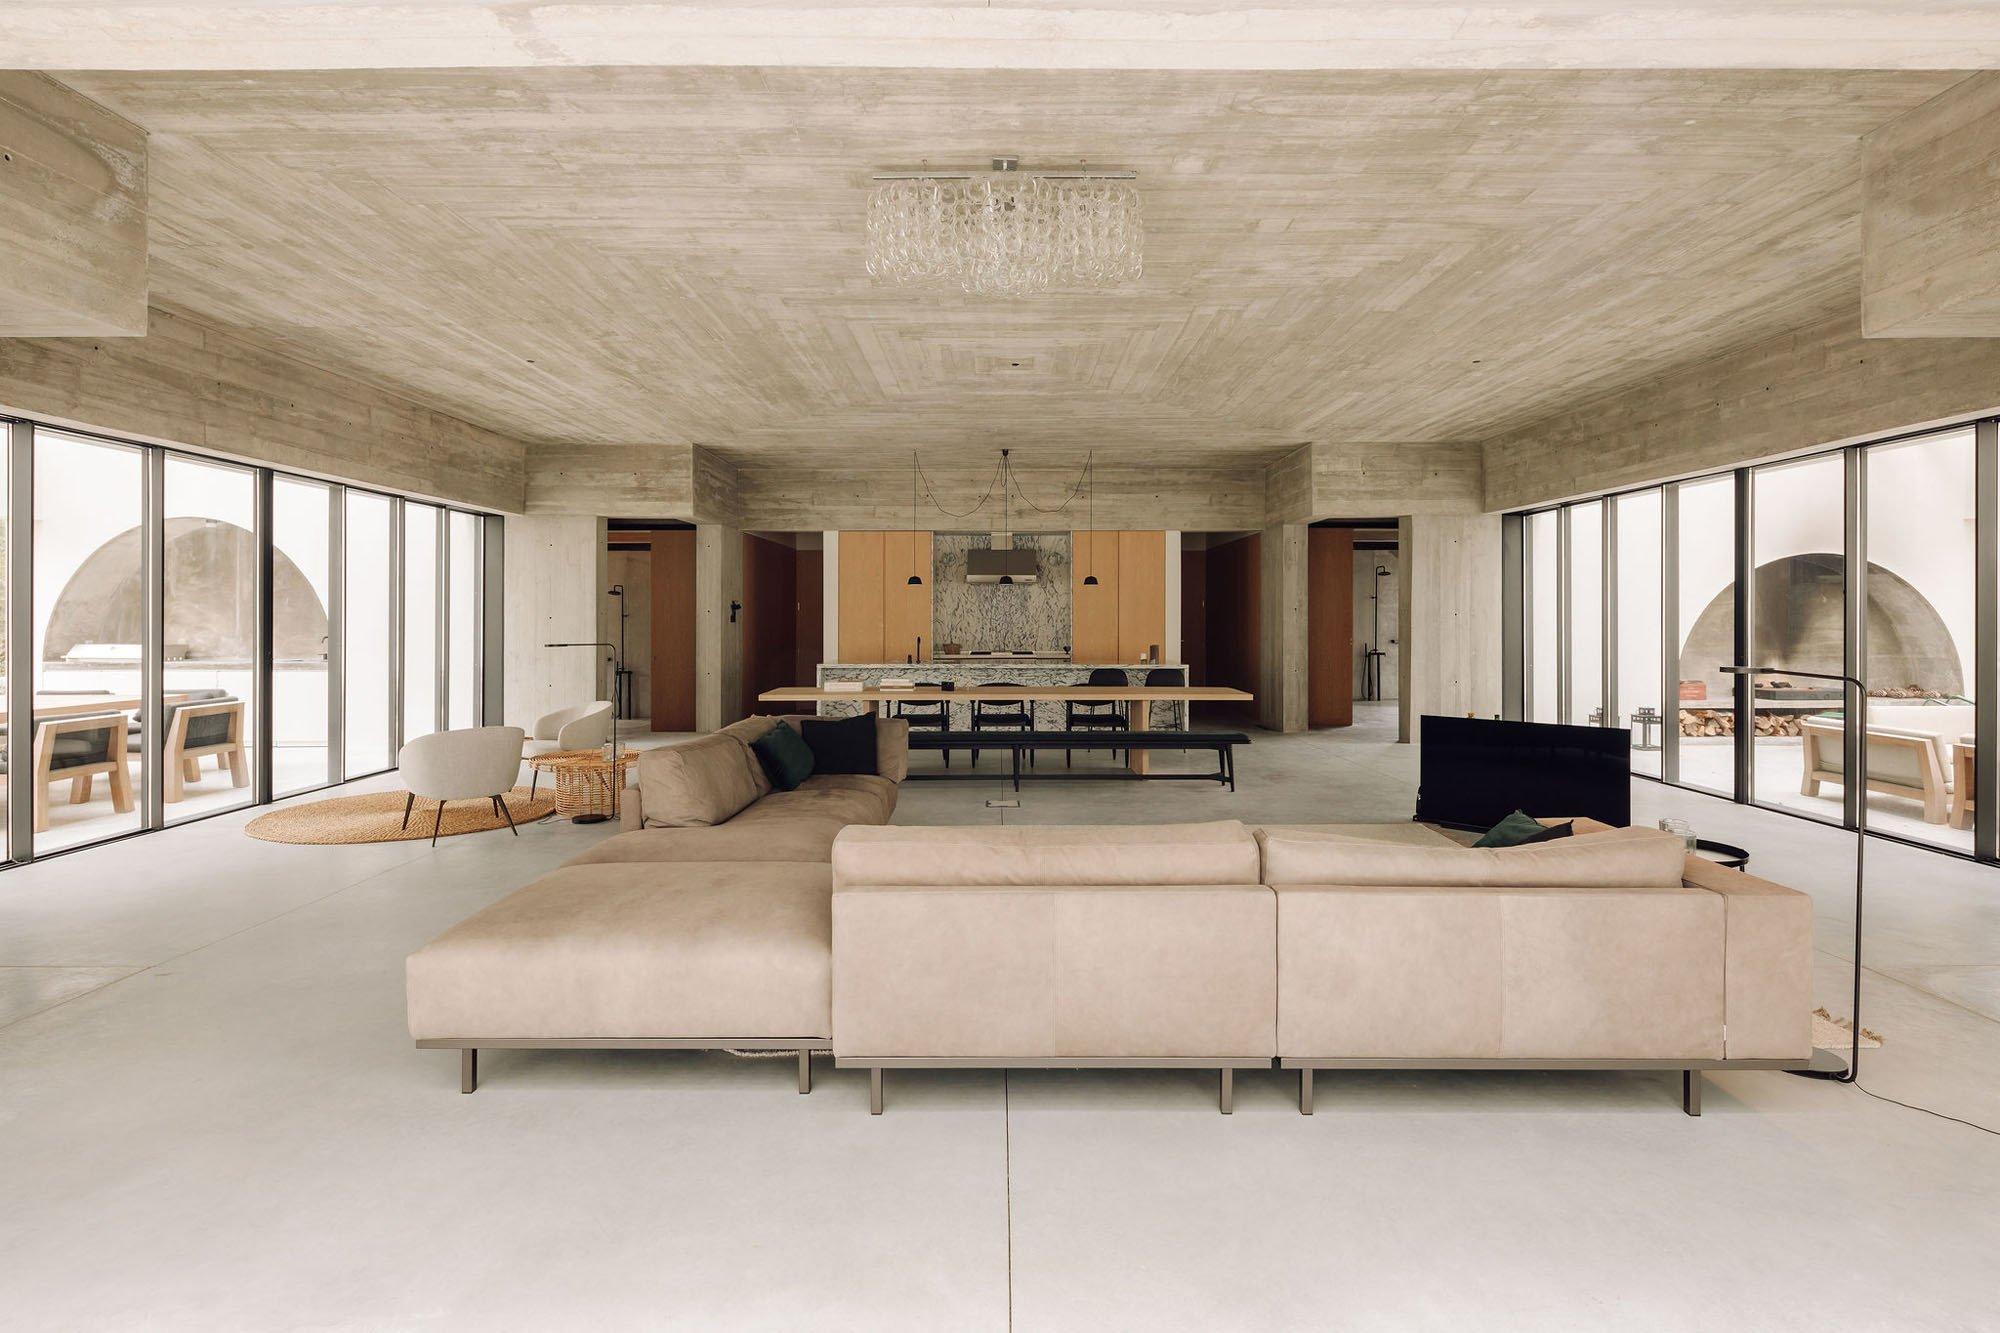 Unter der Sichtbetondecke der Casa Meco hängt keine technische Leuchte, sondern eine längliche Ausführung von Angelo Mangiarottis Muranoglas-Lüster Giogali aus den Sechzigerjahren.